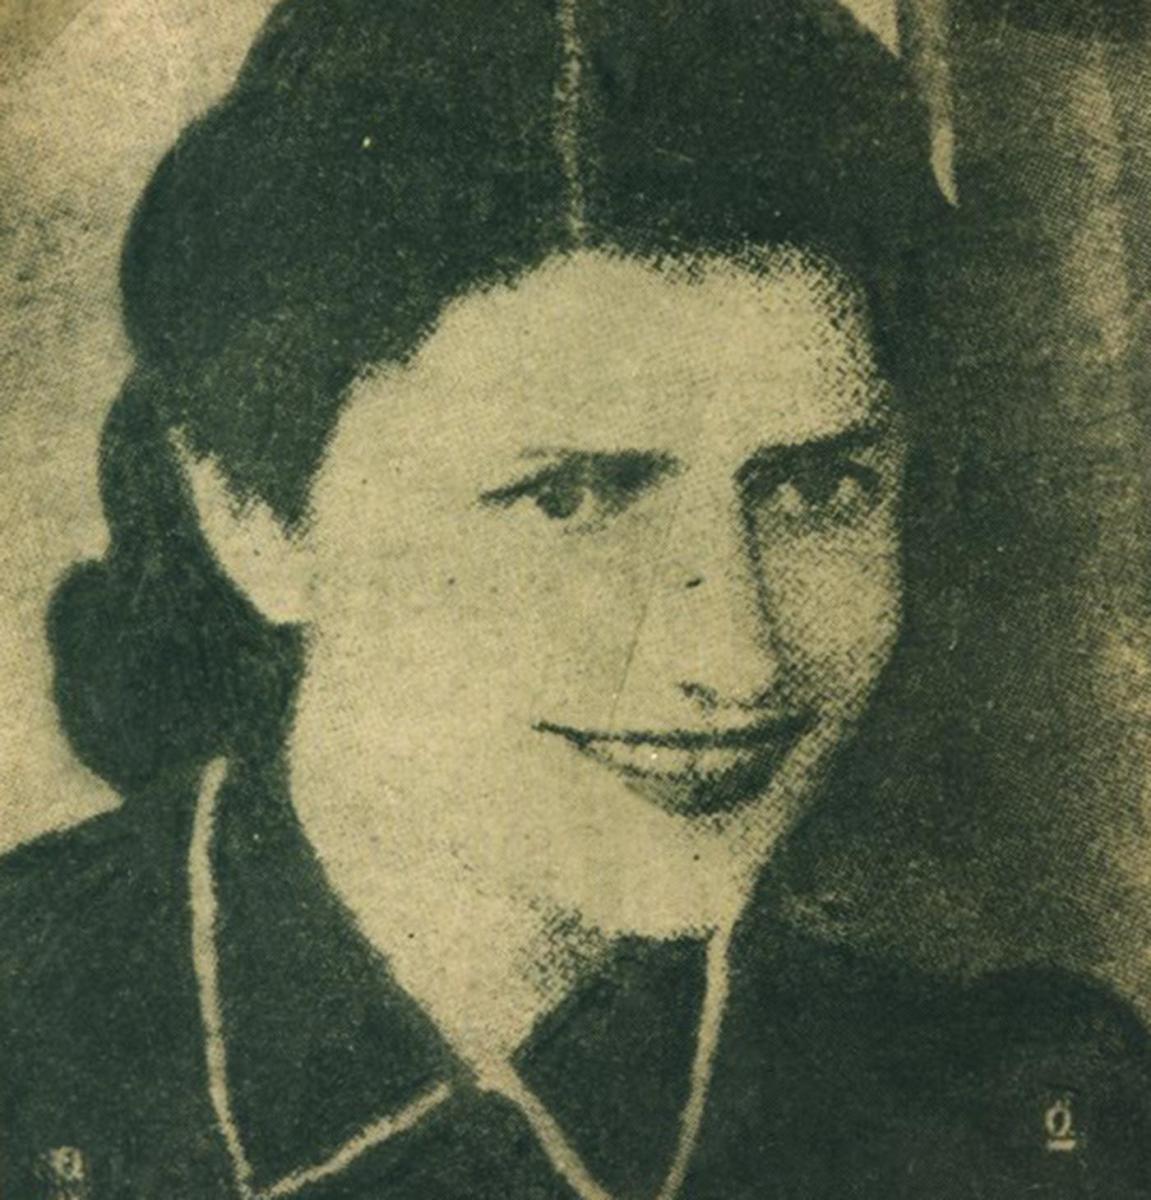 Για την Μακεδόνισσα κομμουνίστρια, Μίρκα Γκίνοβα (1916-1946)